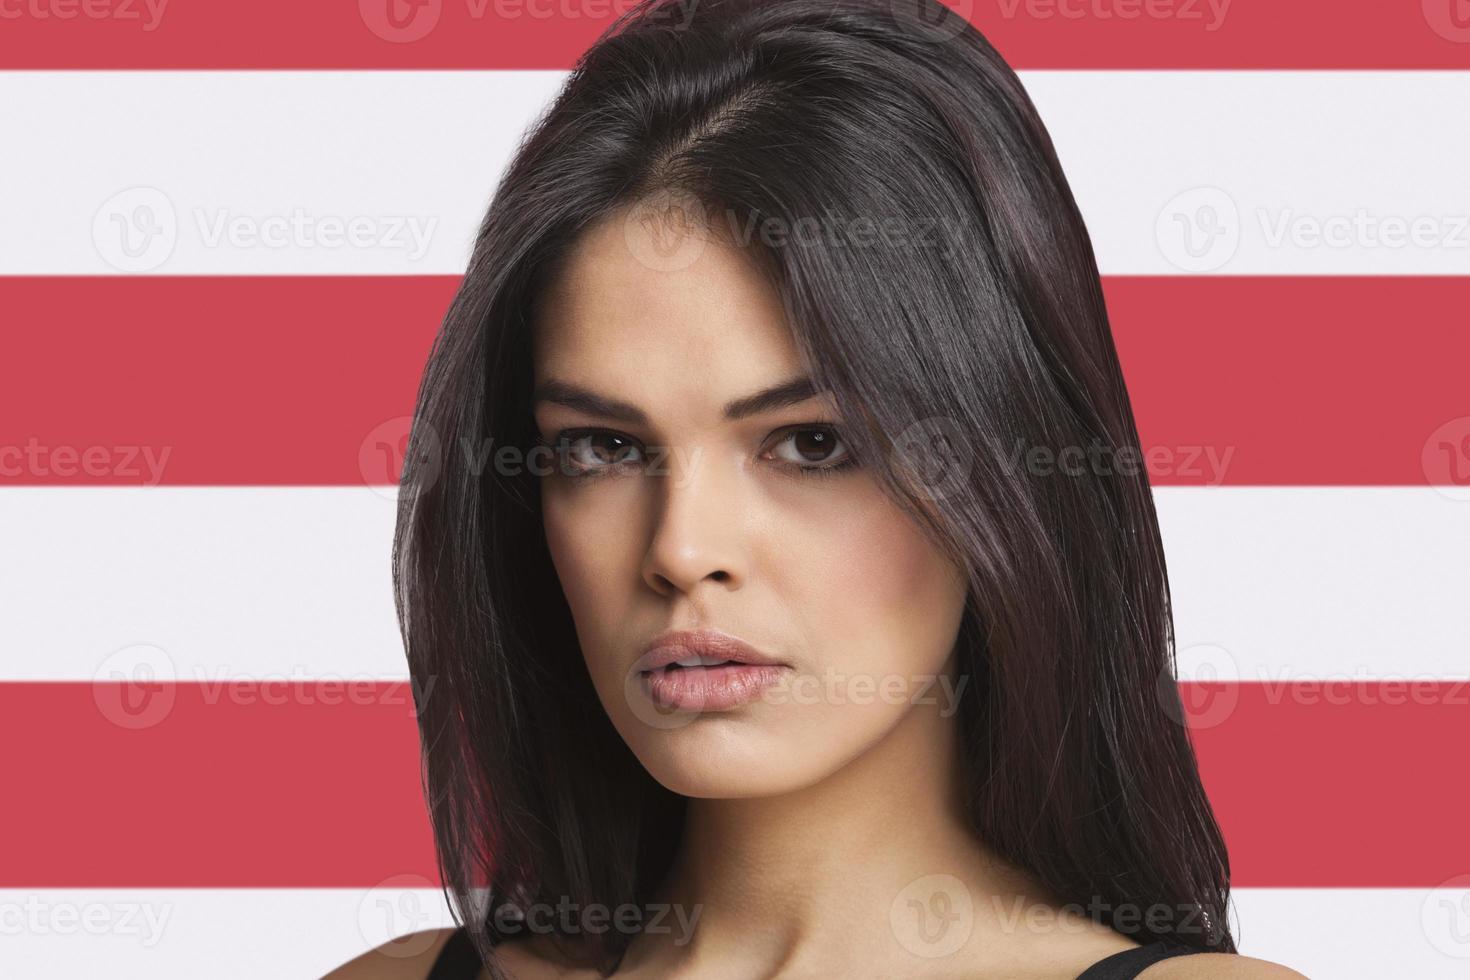 mujer joven delante de la bandera foto